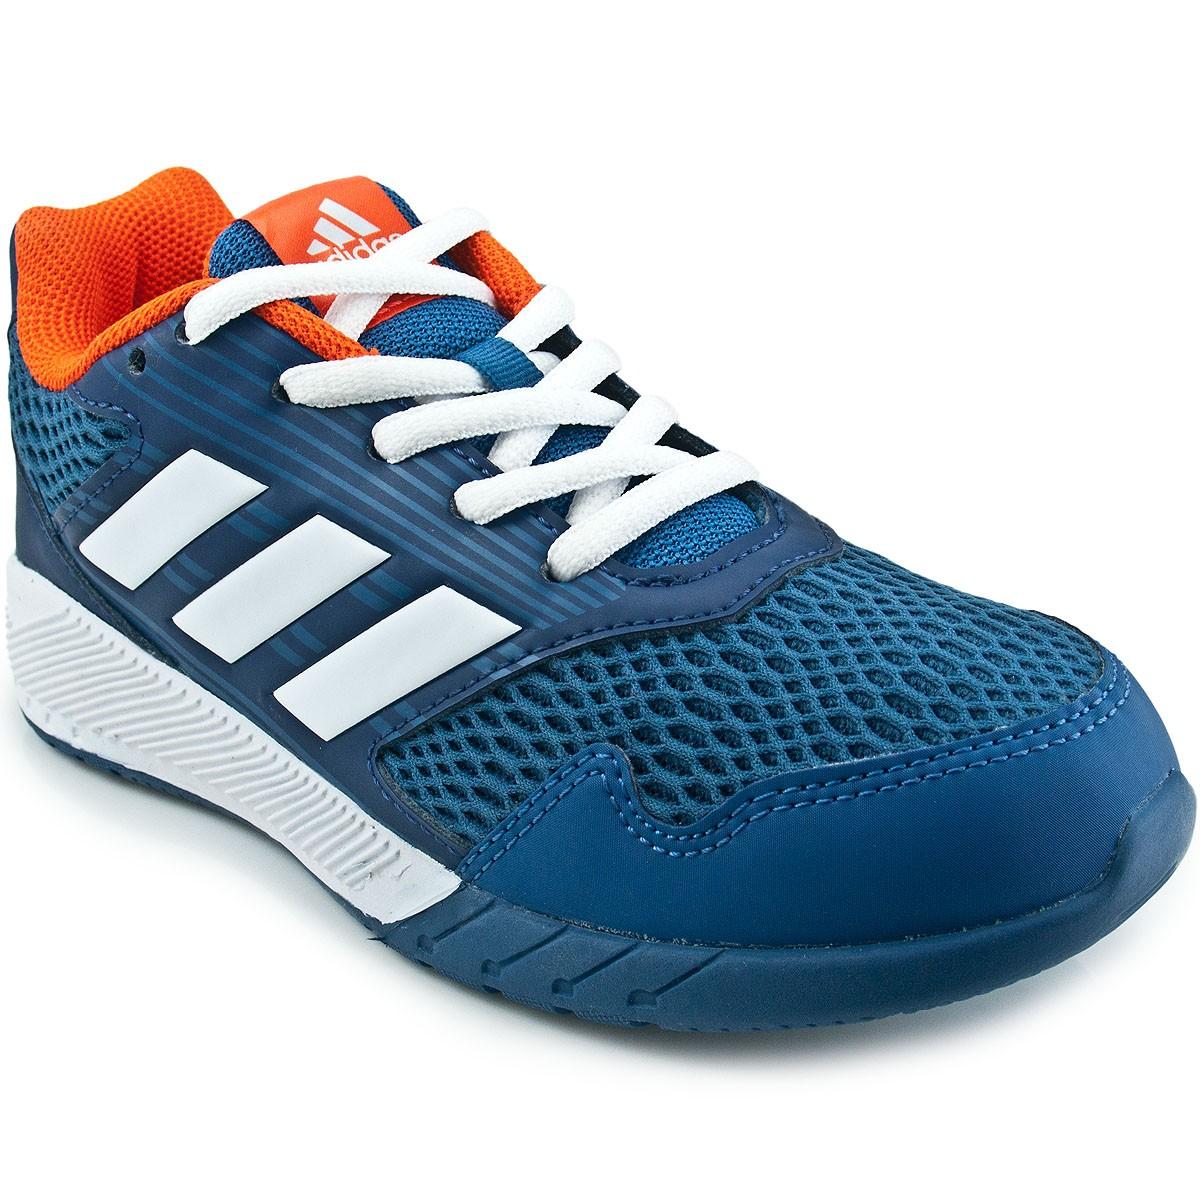 1ecd85bbb Tênis Adidas AltaRun